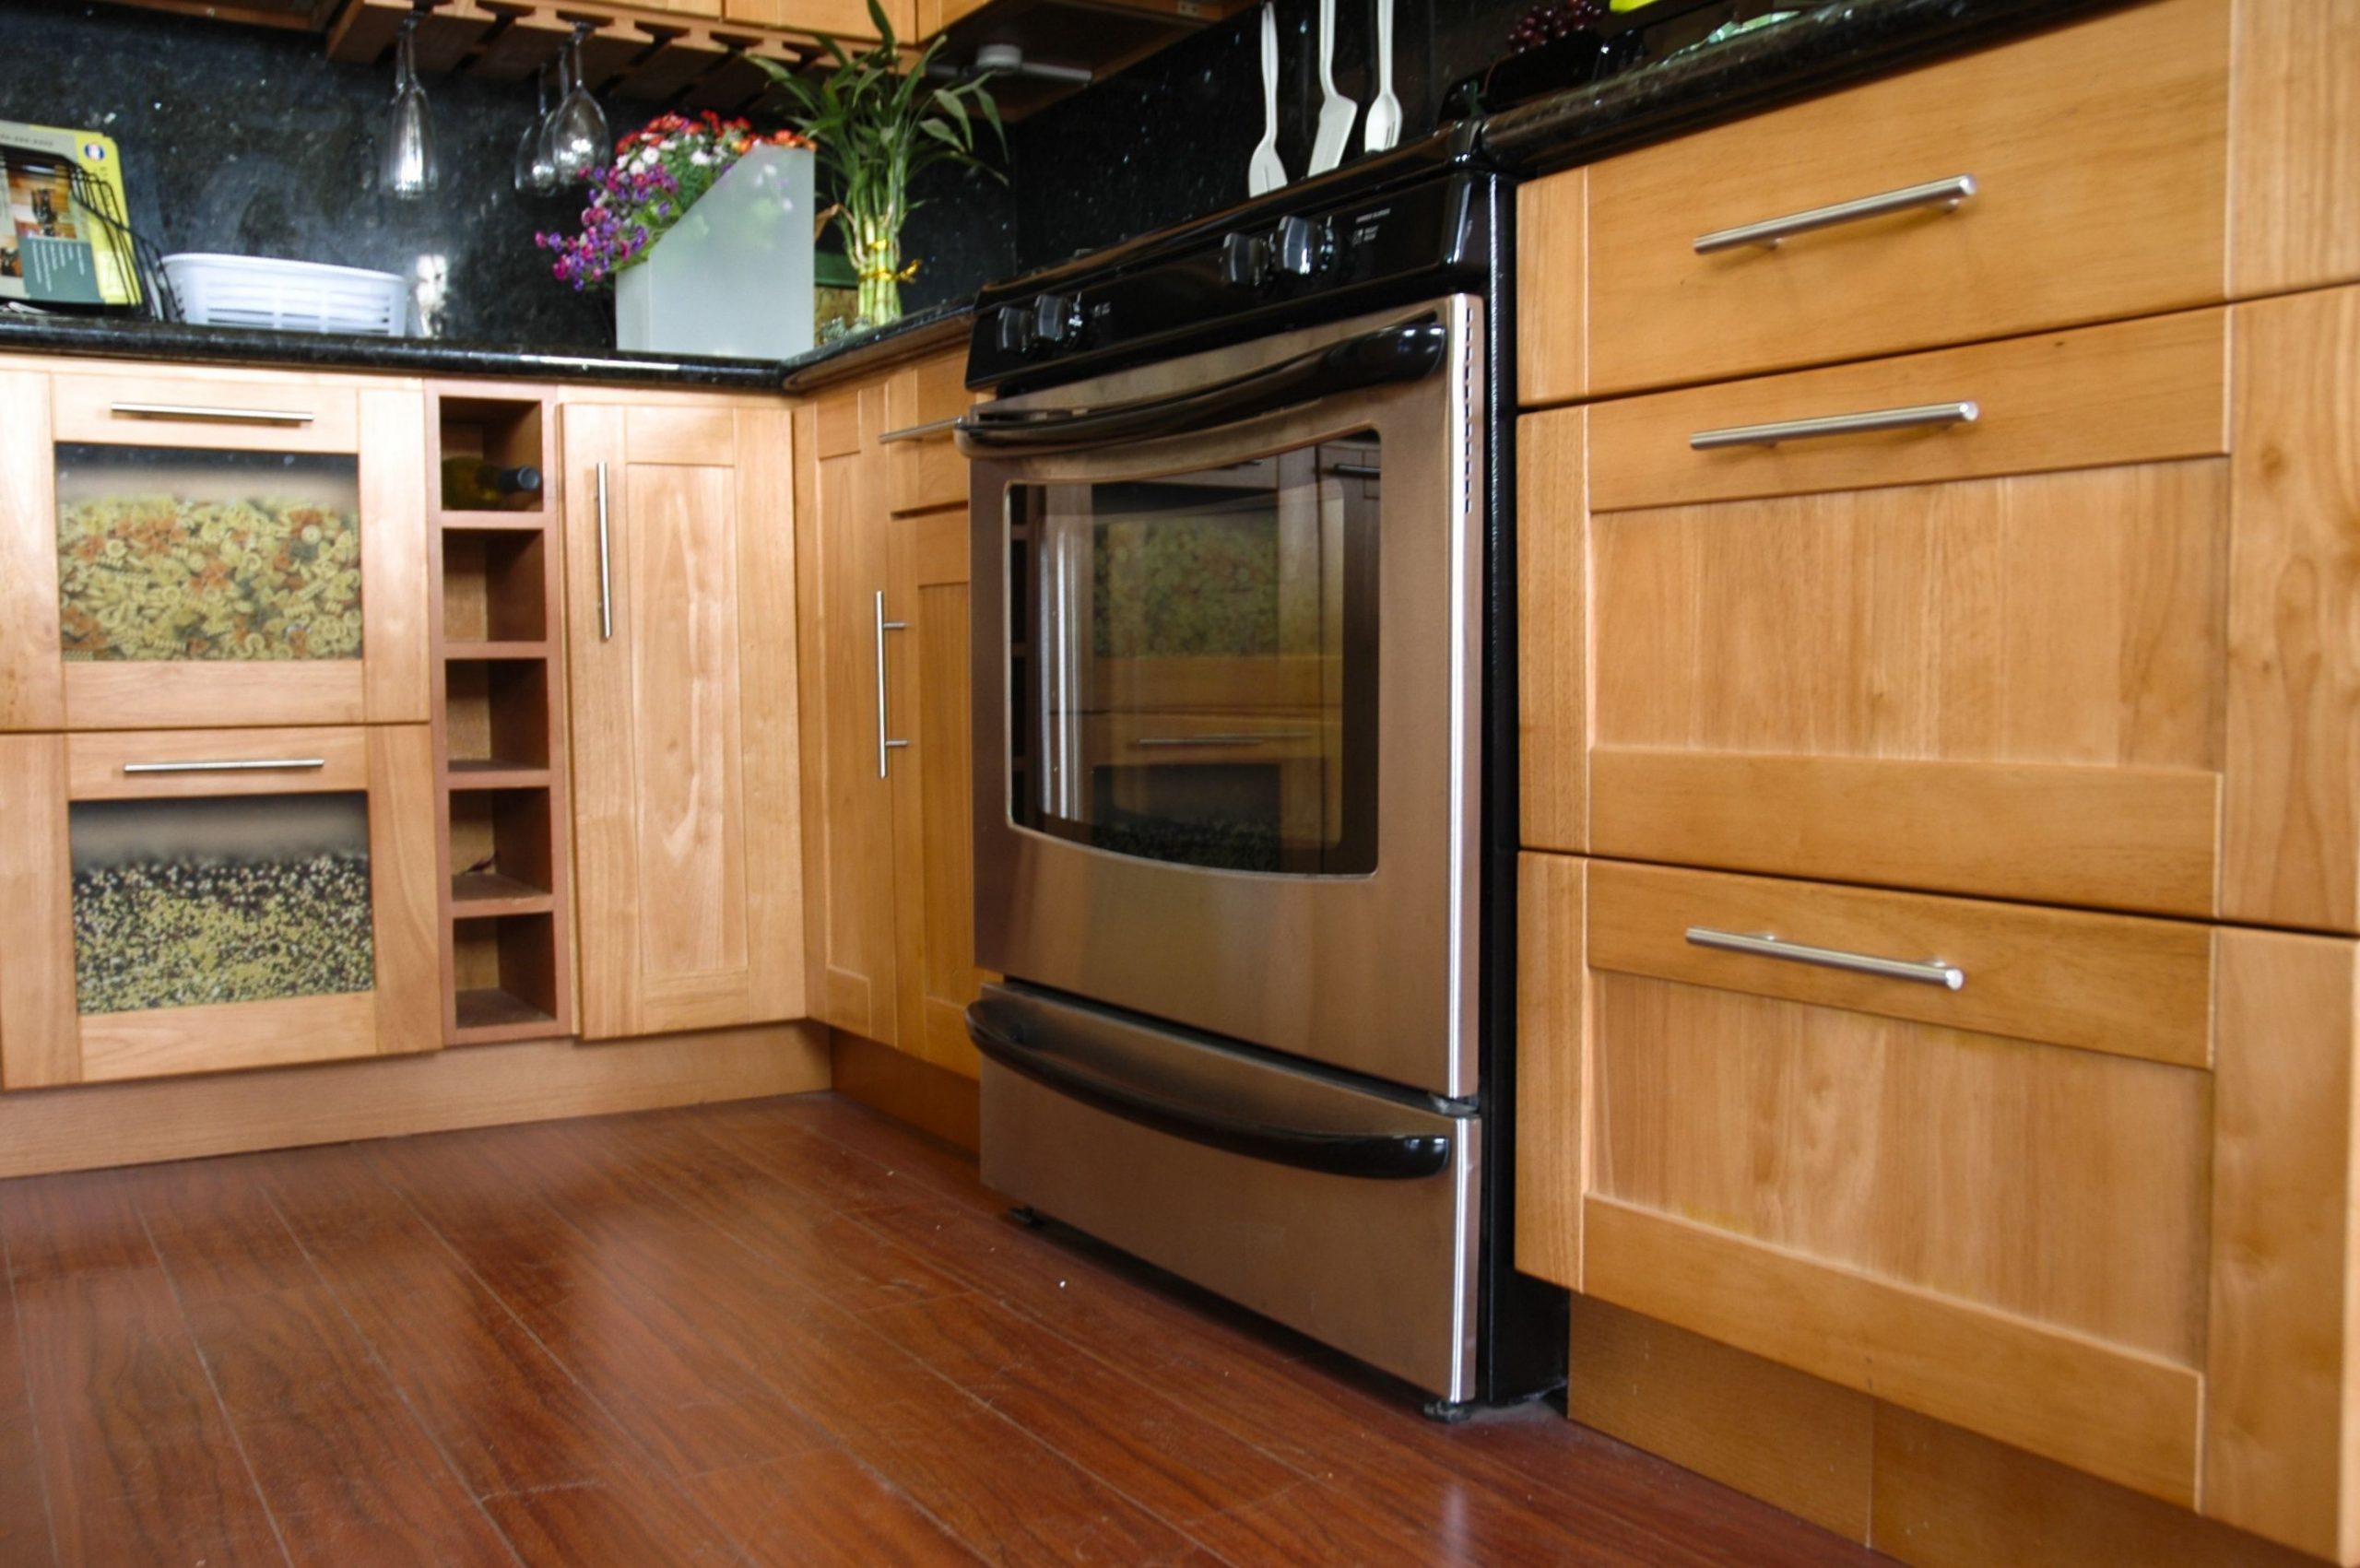 Red Oak Kitchen Cabinets  Red Oak Shaker  Oak kitchen cabinets  - Red Shaker Kitchen Cabinets